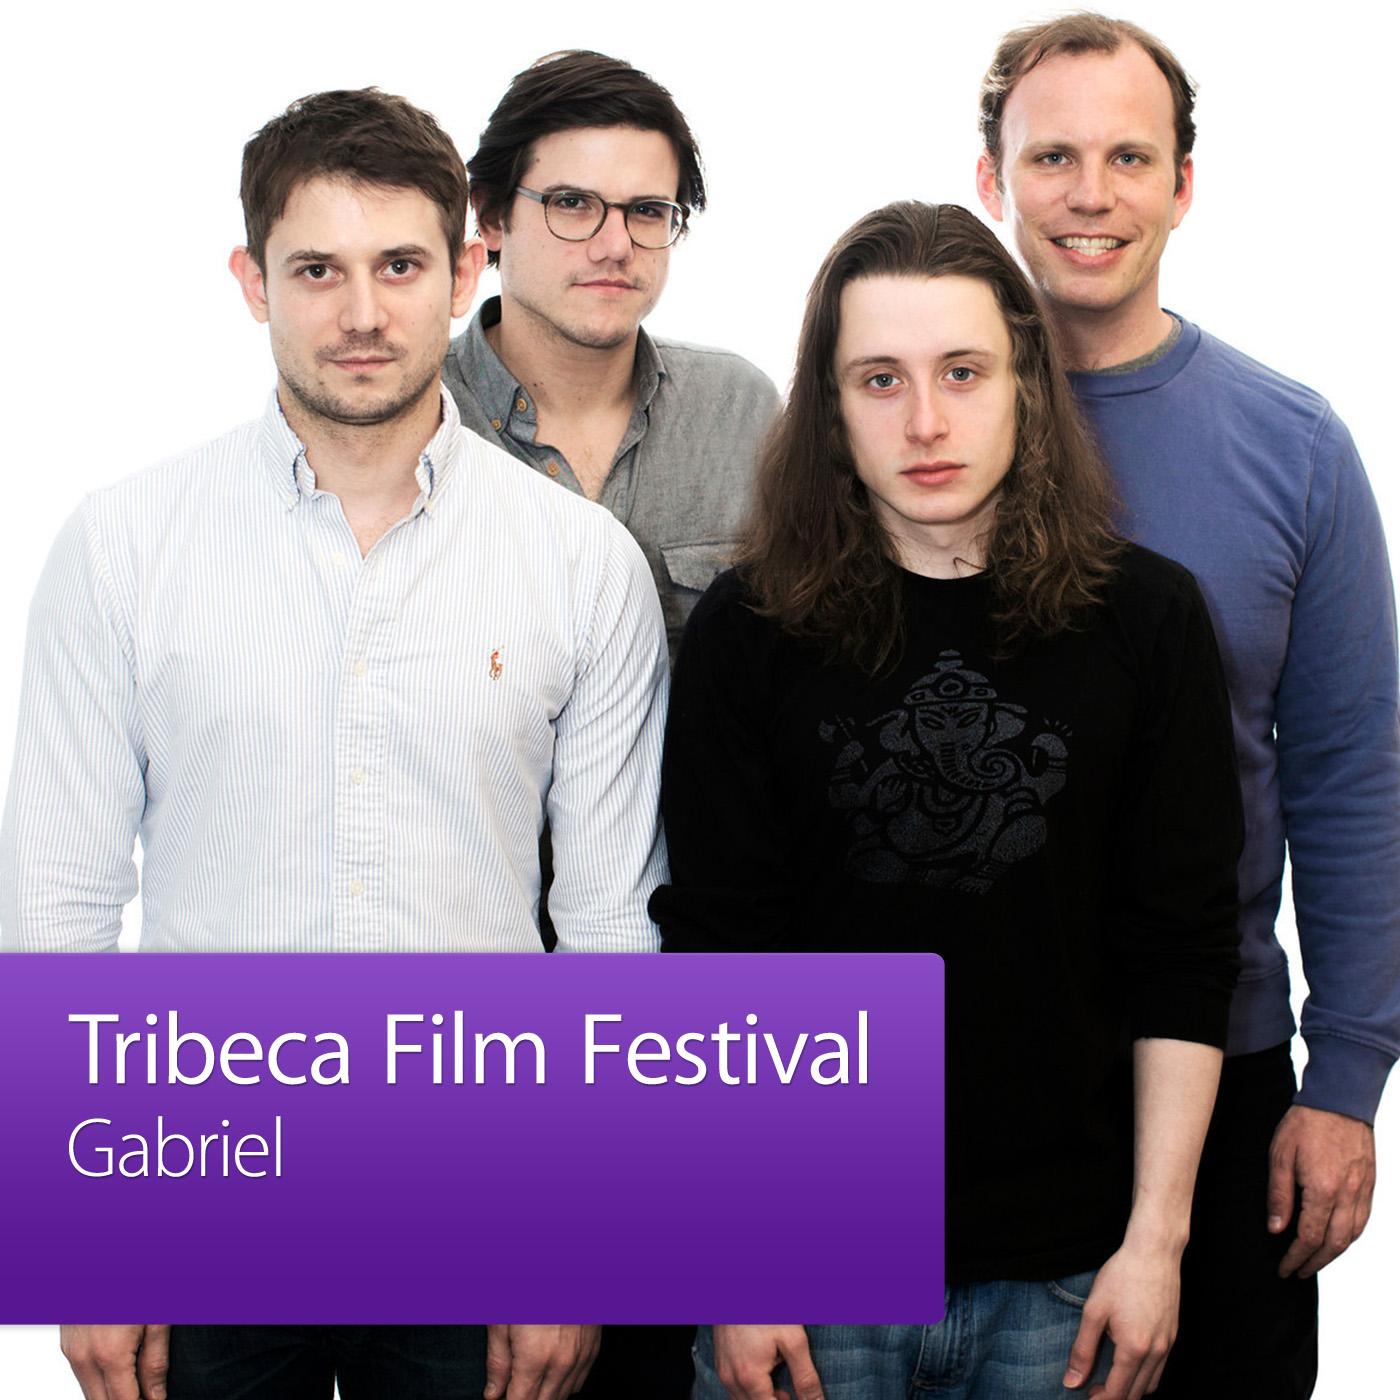 Gabriel: Tribeca Film Festival